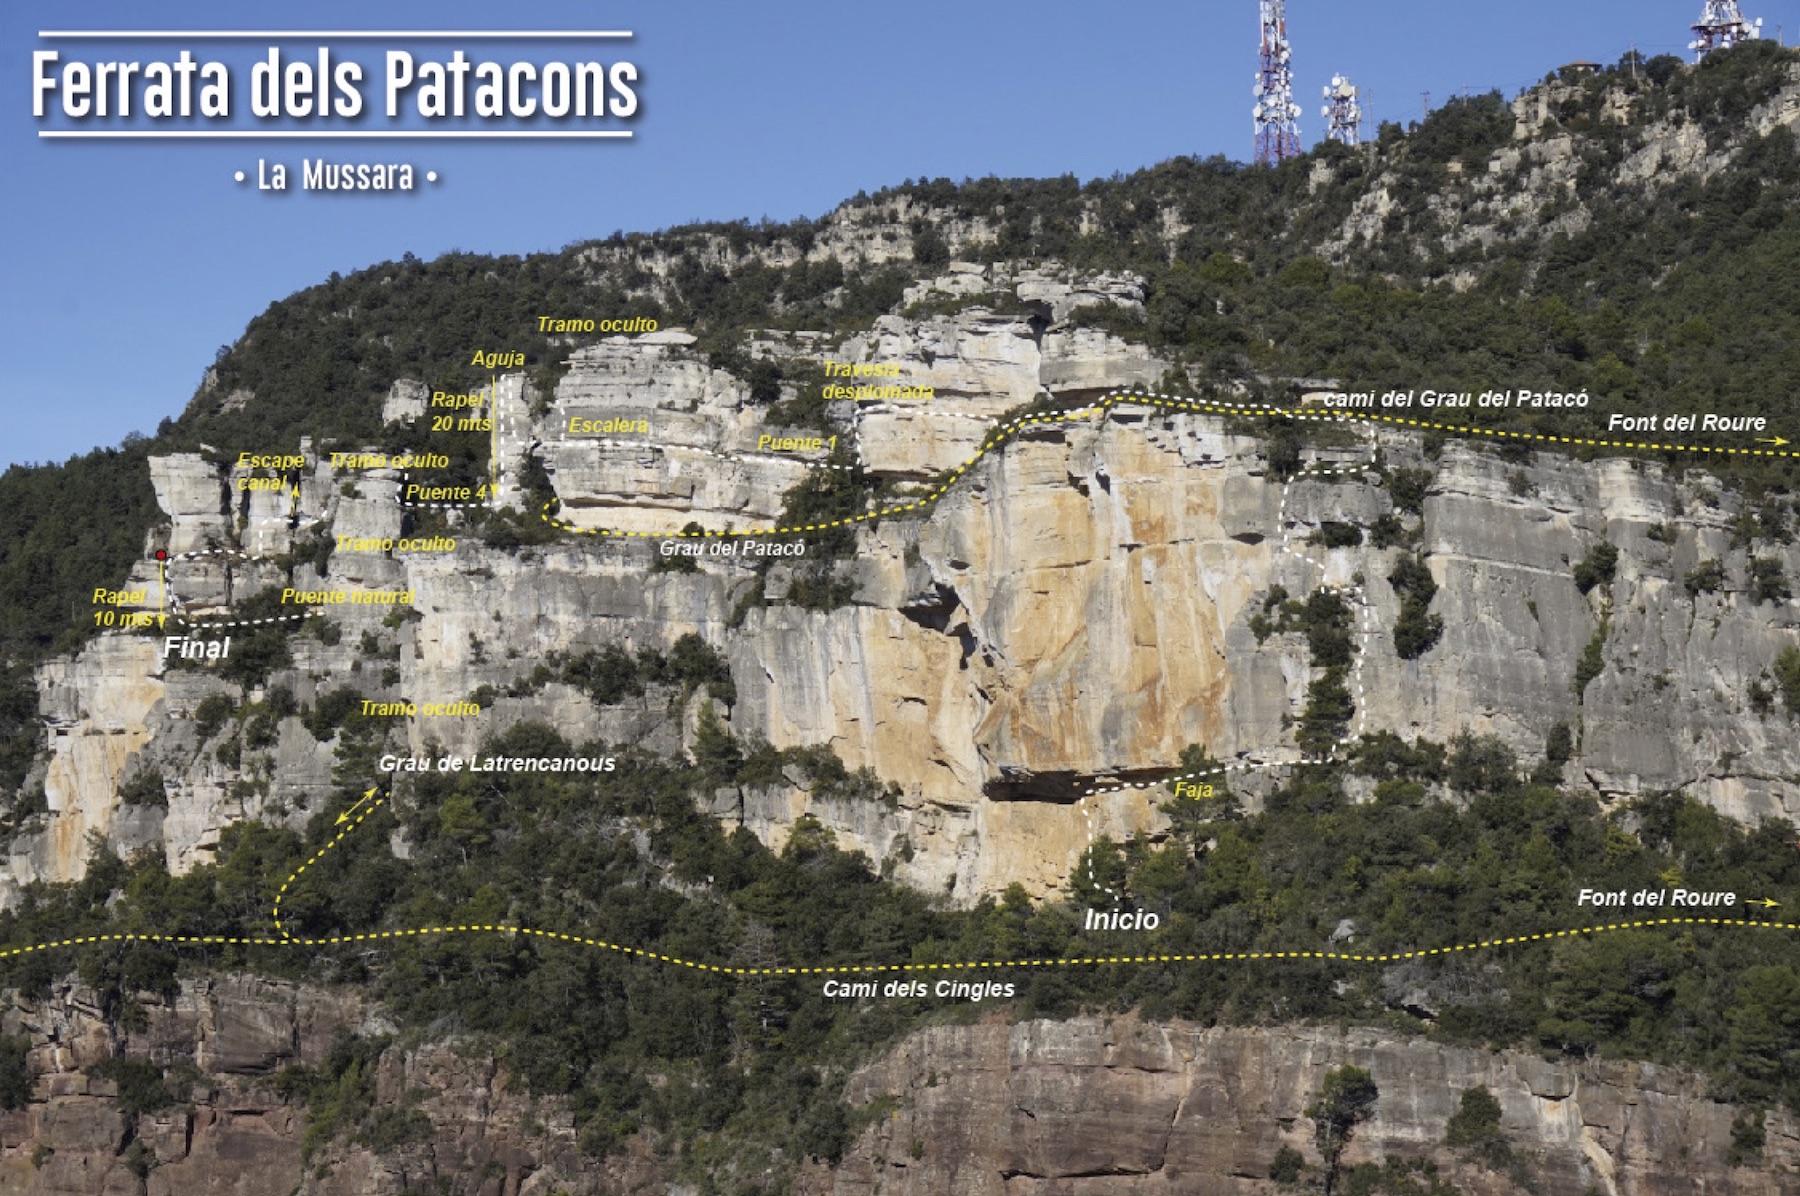 Ferrata dels Patacons, Catalunya 3